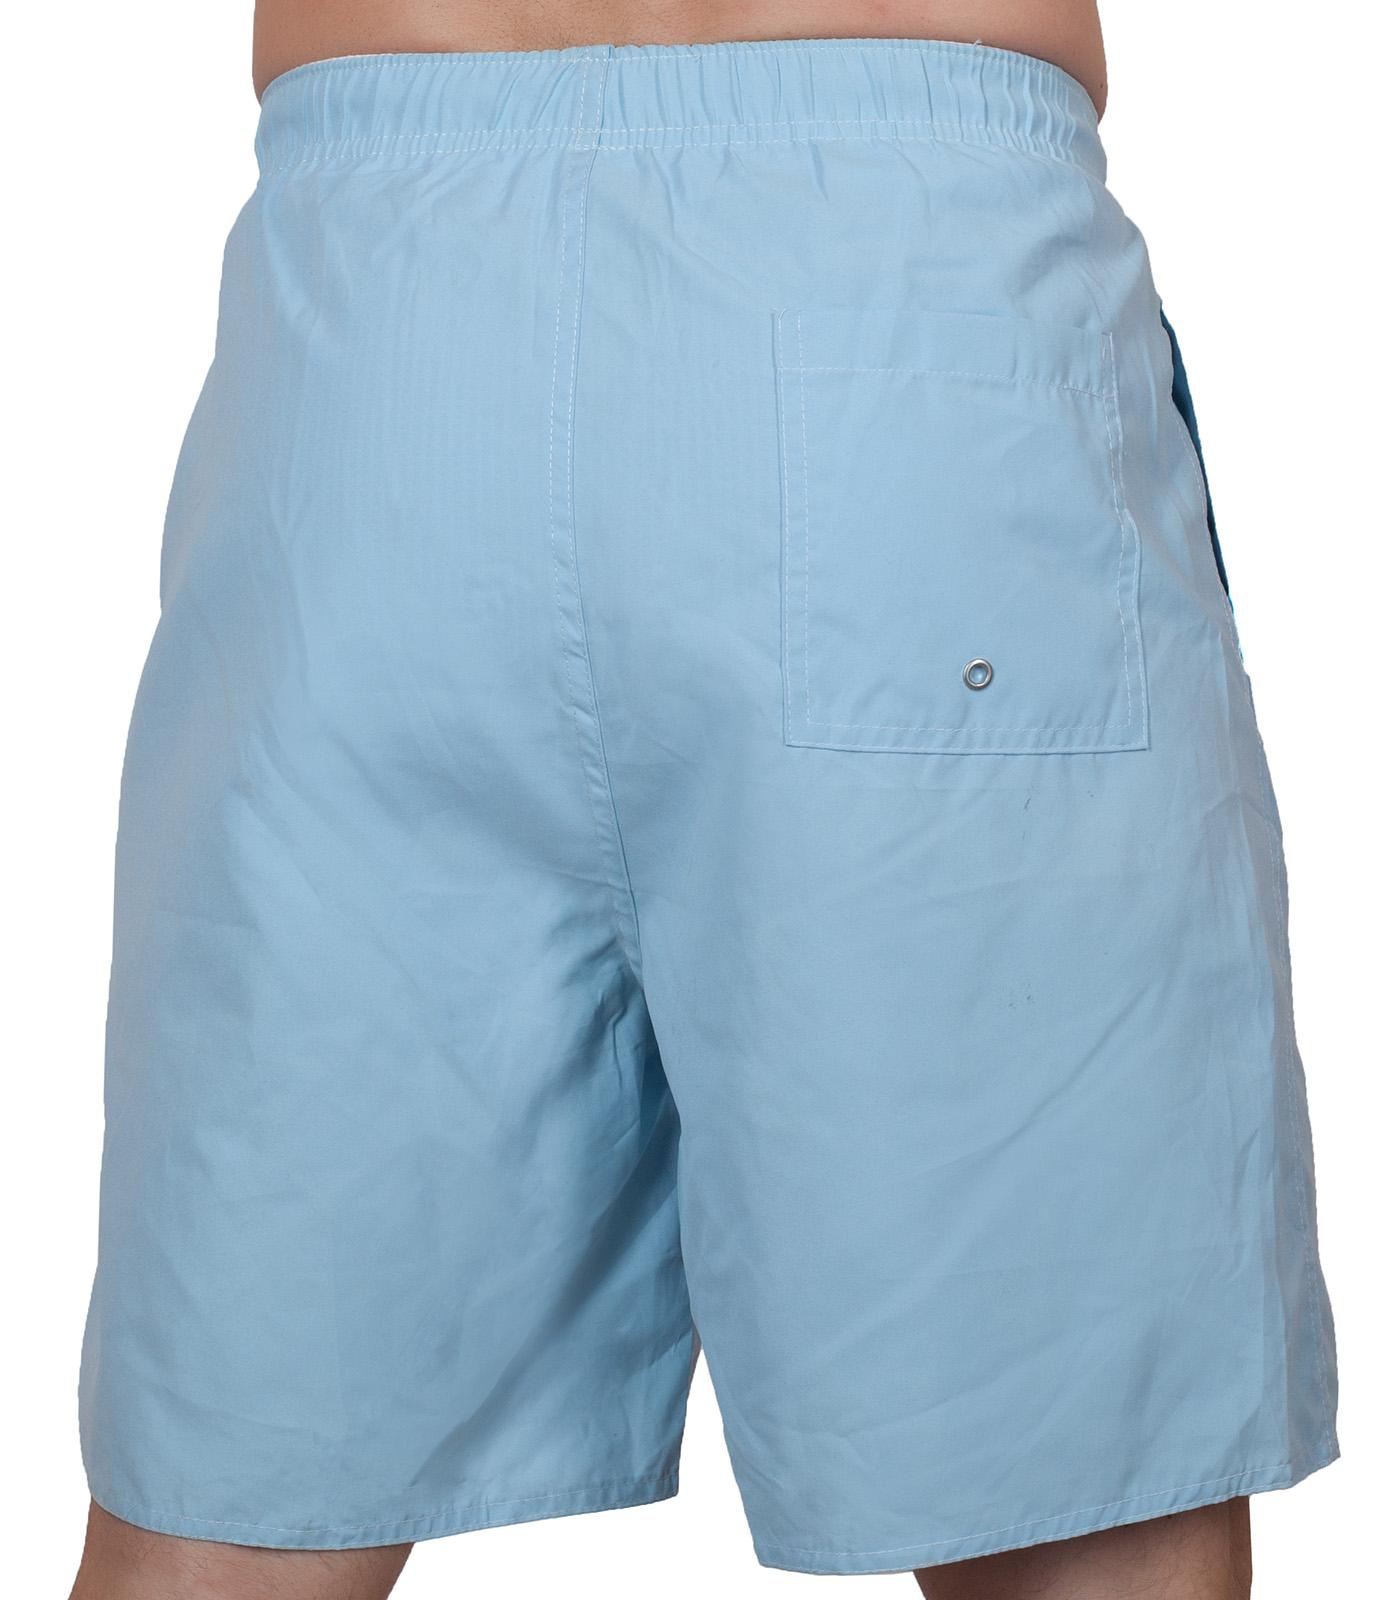 Мужские шорты Kenneth Cole для пляжа по лучшей цене